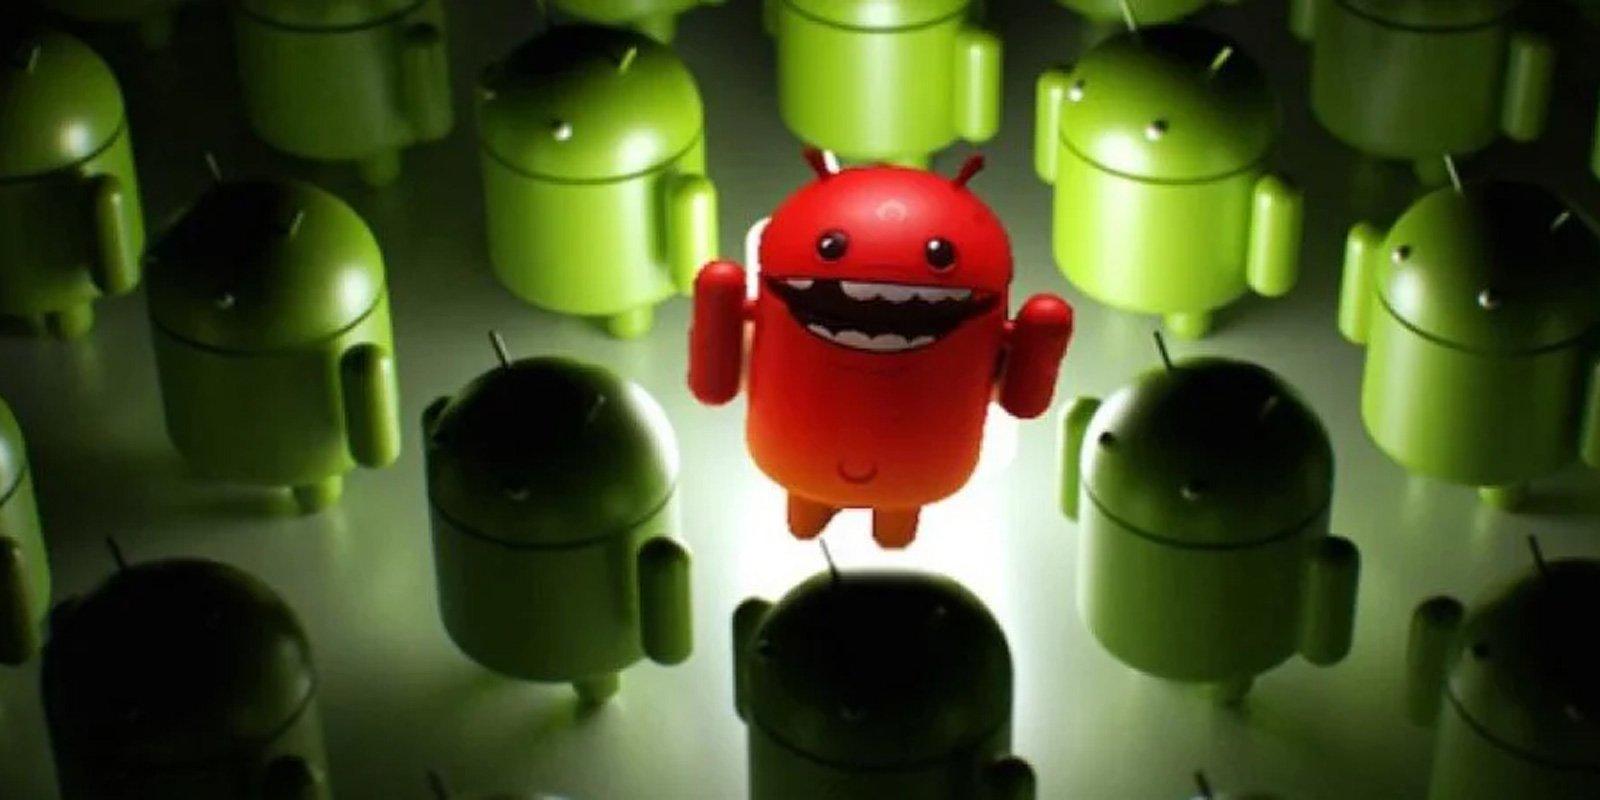 Aplicaciones de Android con 200 millones de instalaciones vulnerables a errores de seguridad